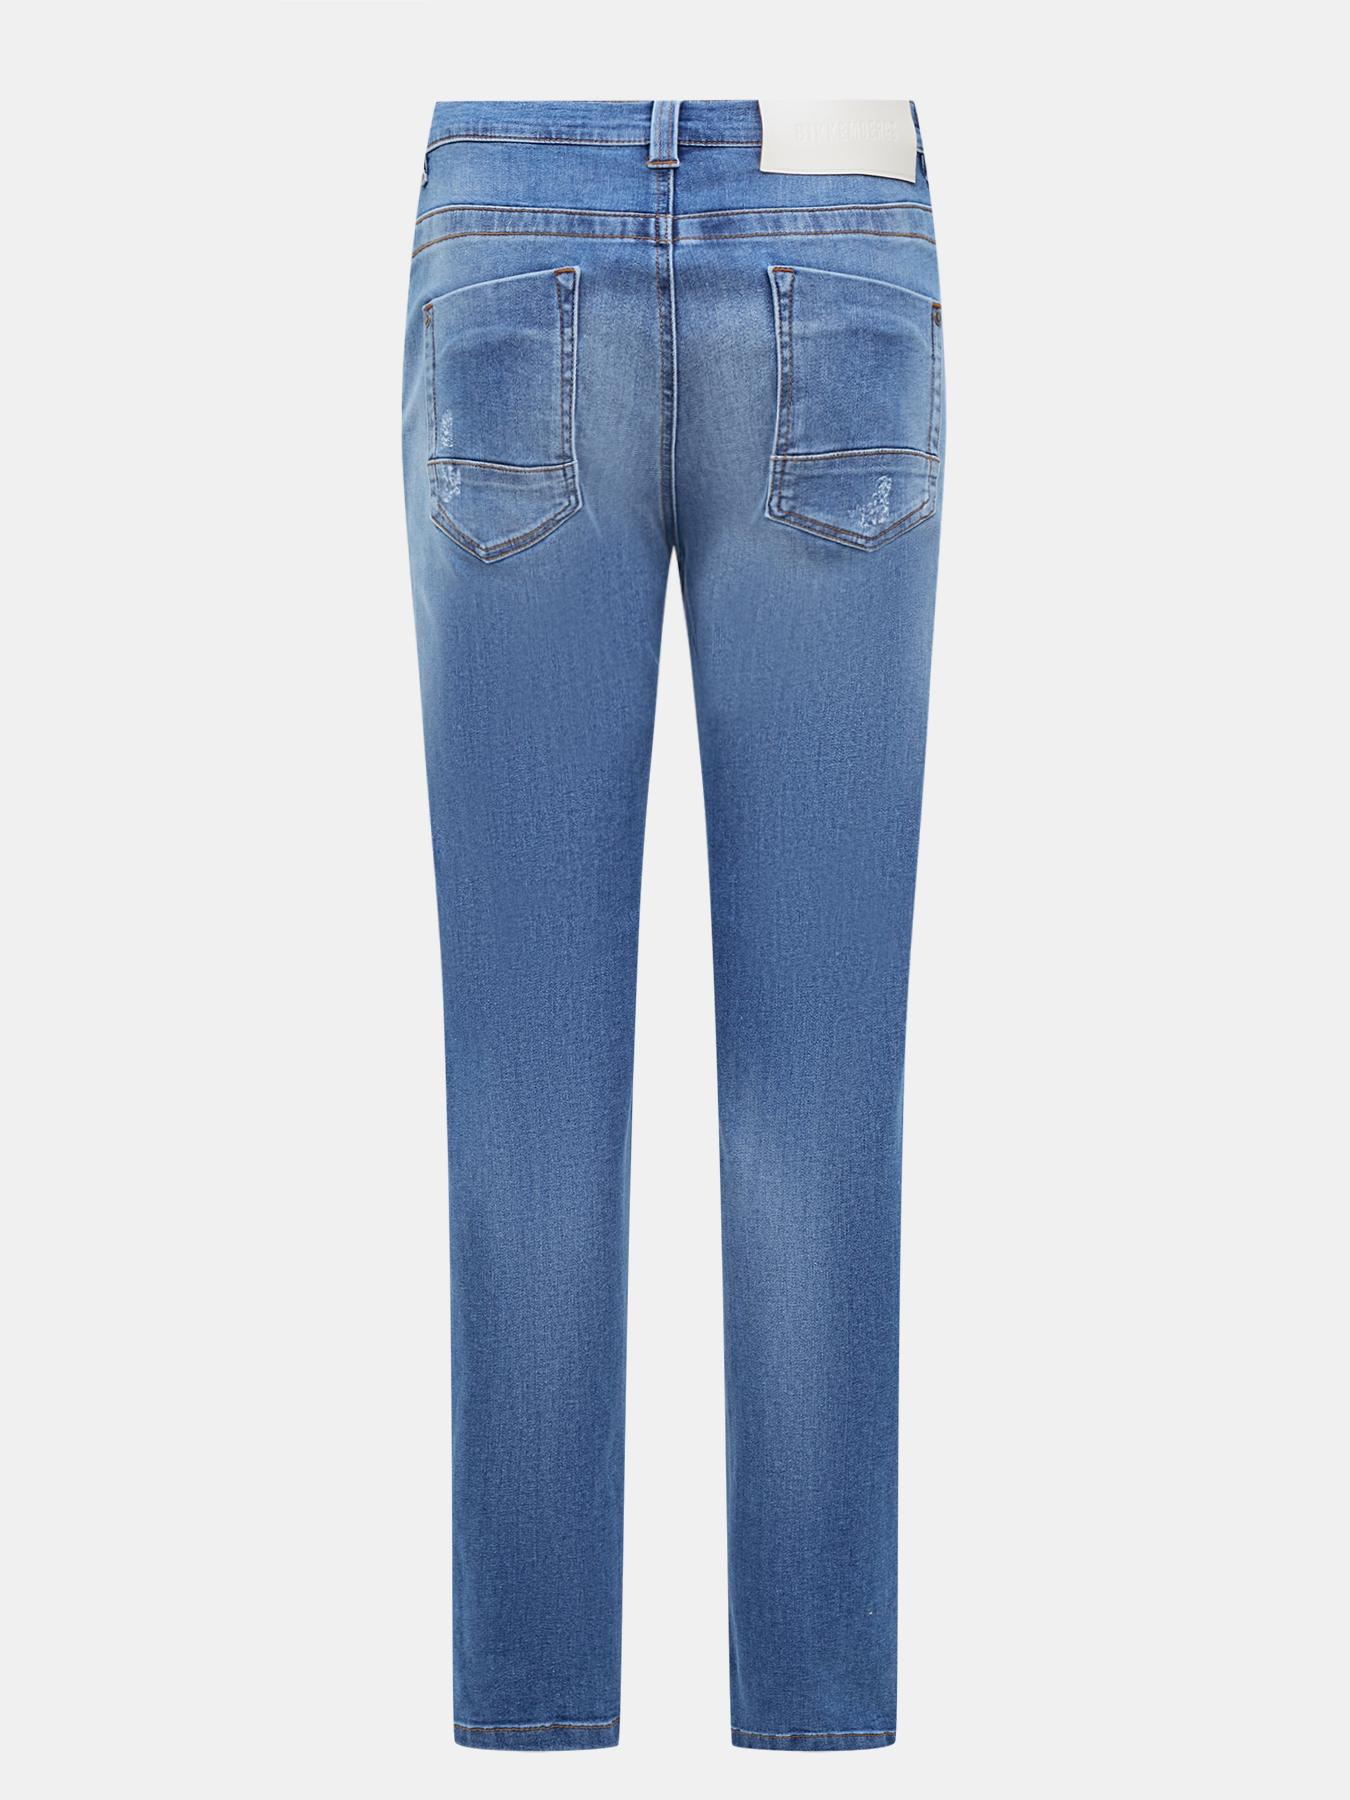 Брюки Bikkembergs Джинсы джинсы wrangler джинсы arizona